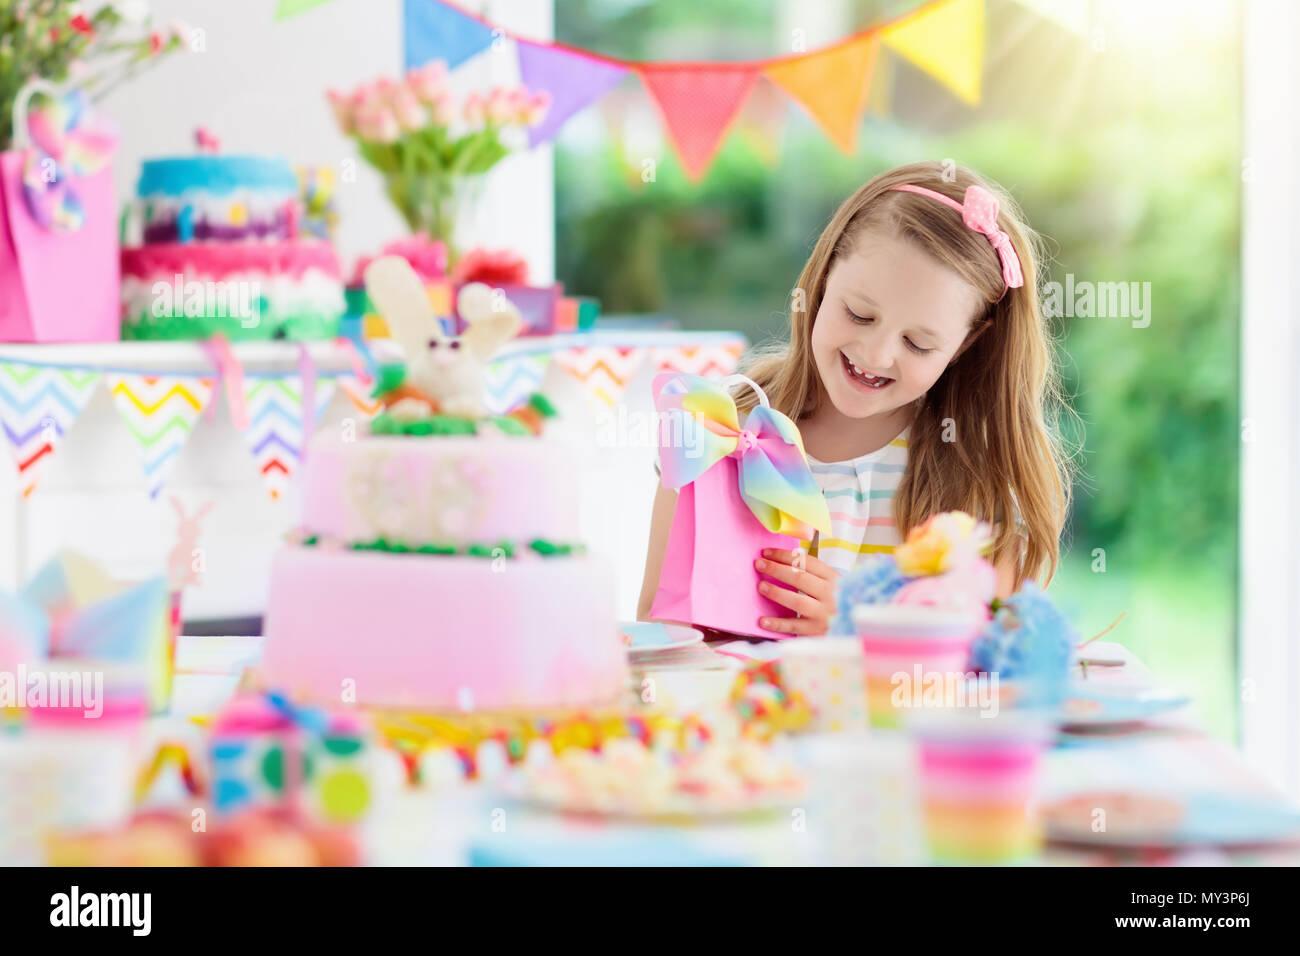 Kindergeburtstag Mit Bunten Rainbow Pastell Dekoration Und Bunny Layer Cake Kleines Madchen Sussigkeiten Obst Ballons Banner Bei